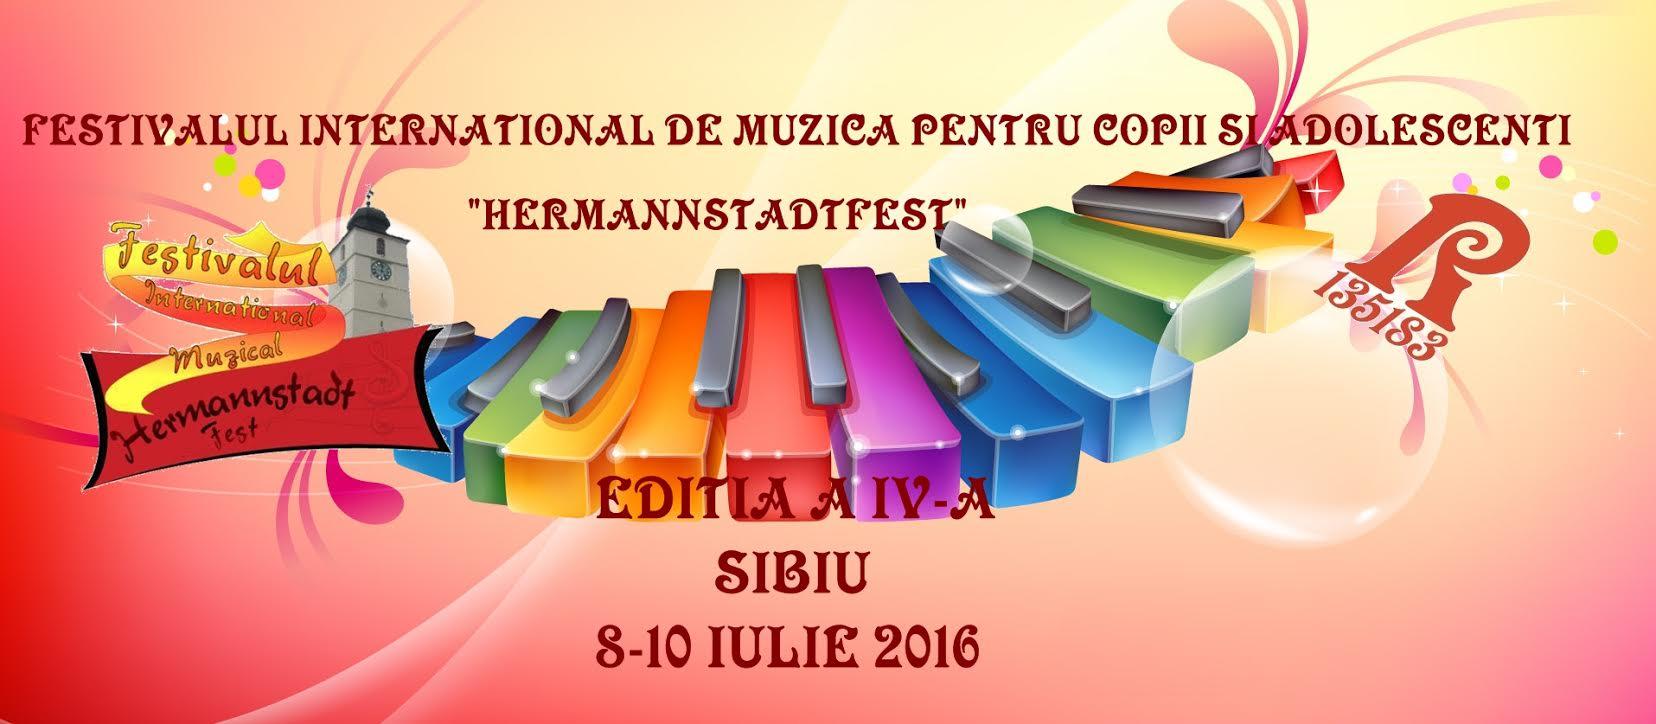 Festivalul Internațional de Muzică pentru Copii și Adolescenți HermannstadtFest